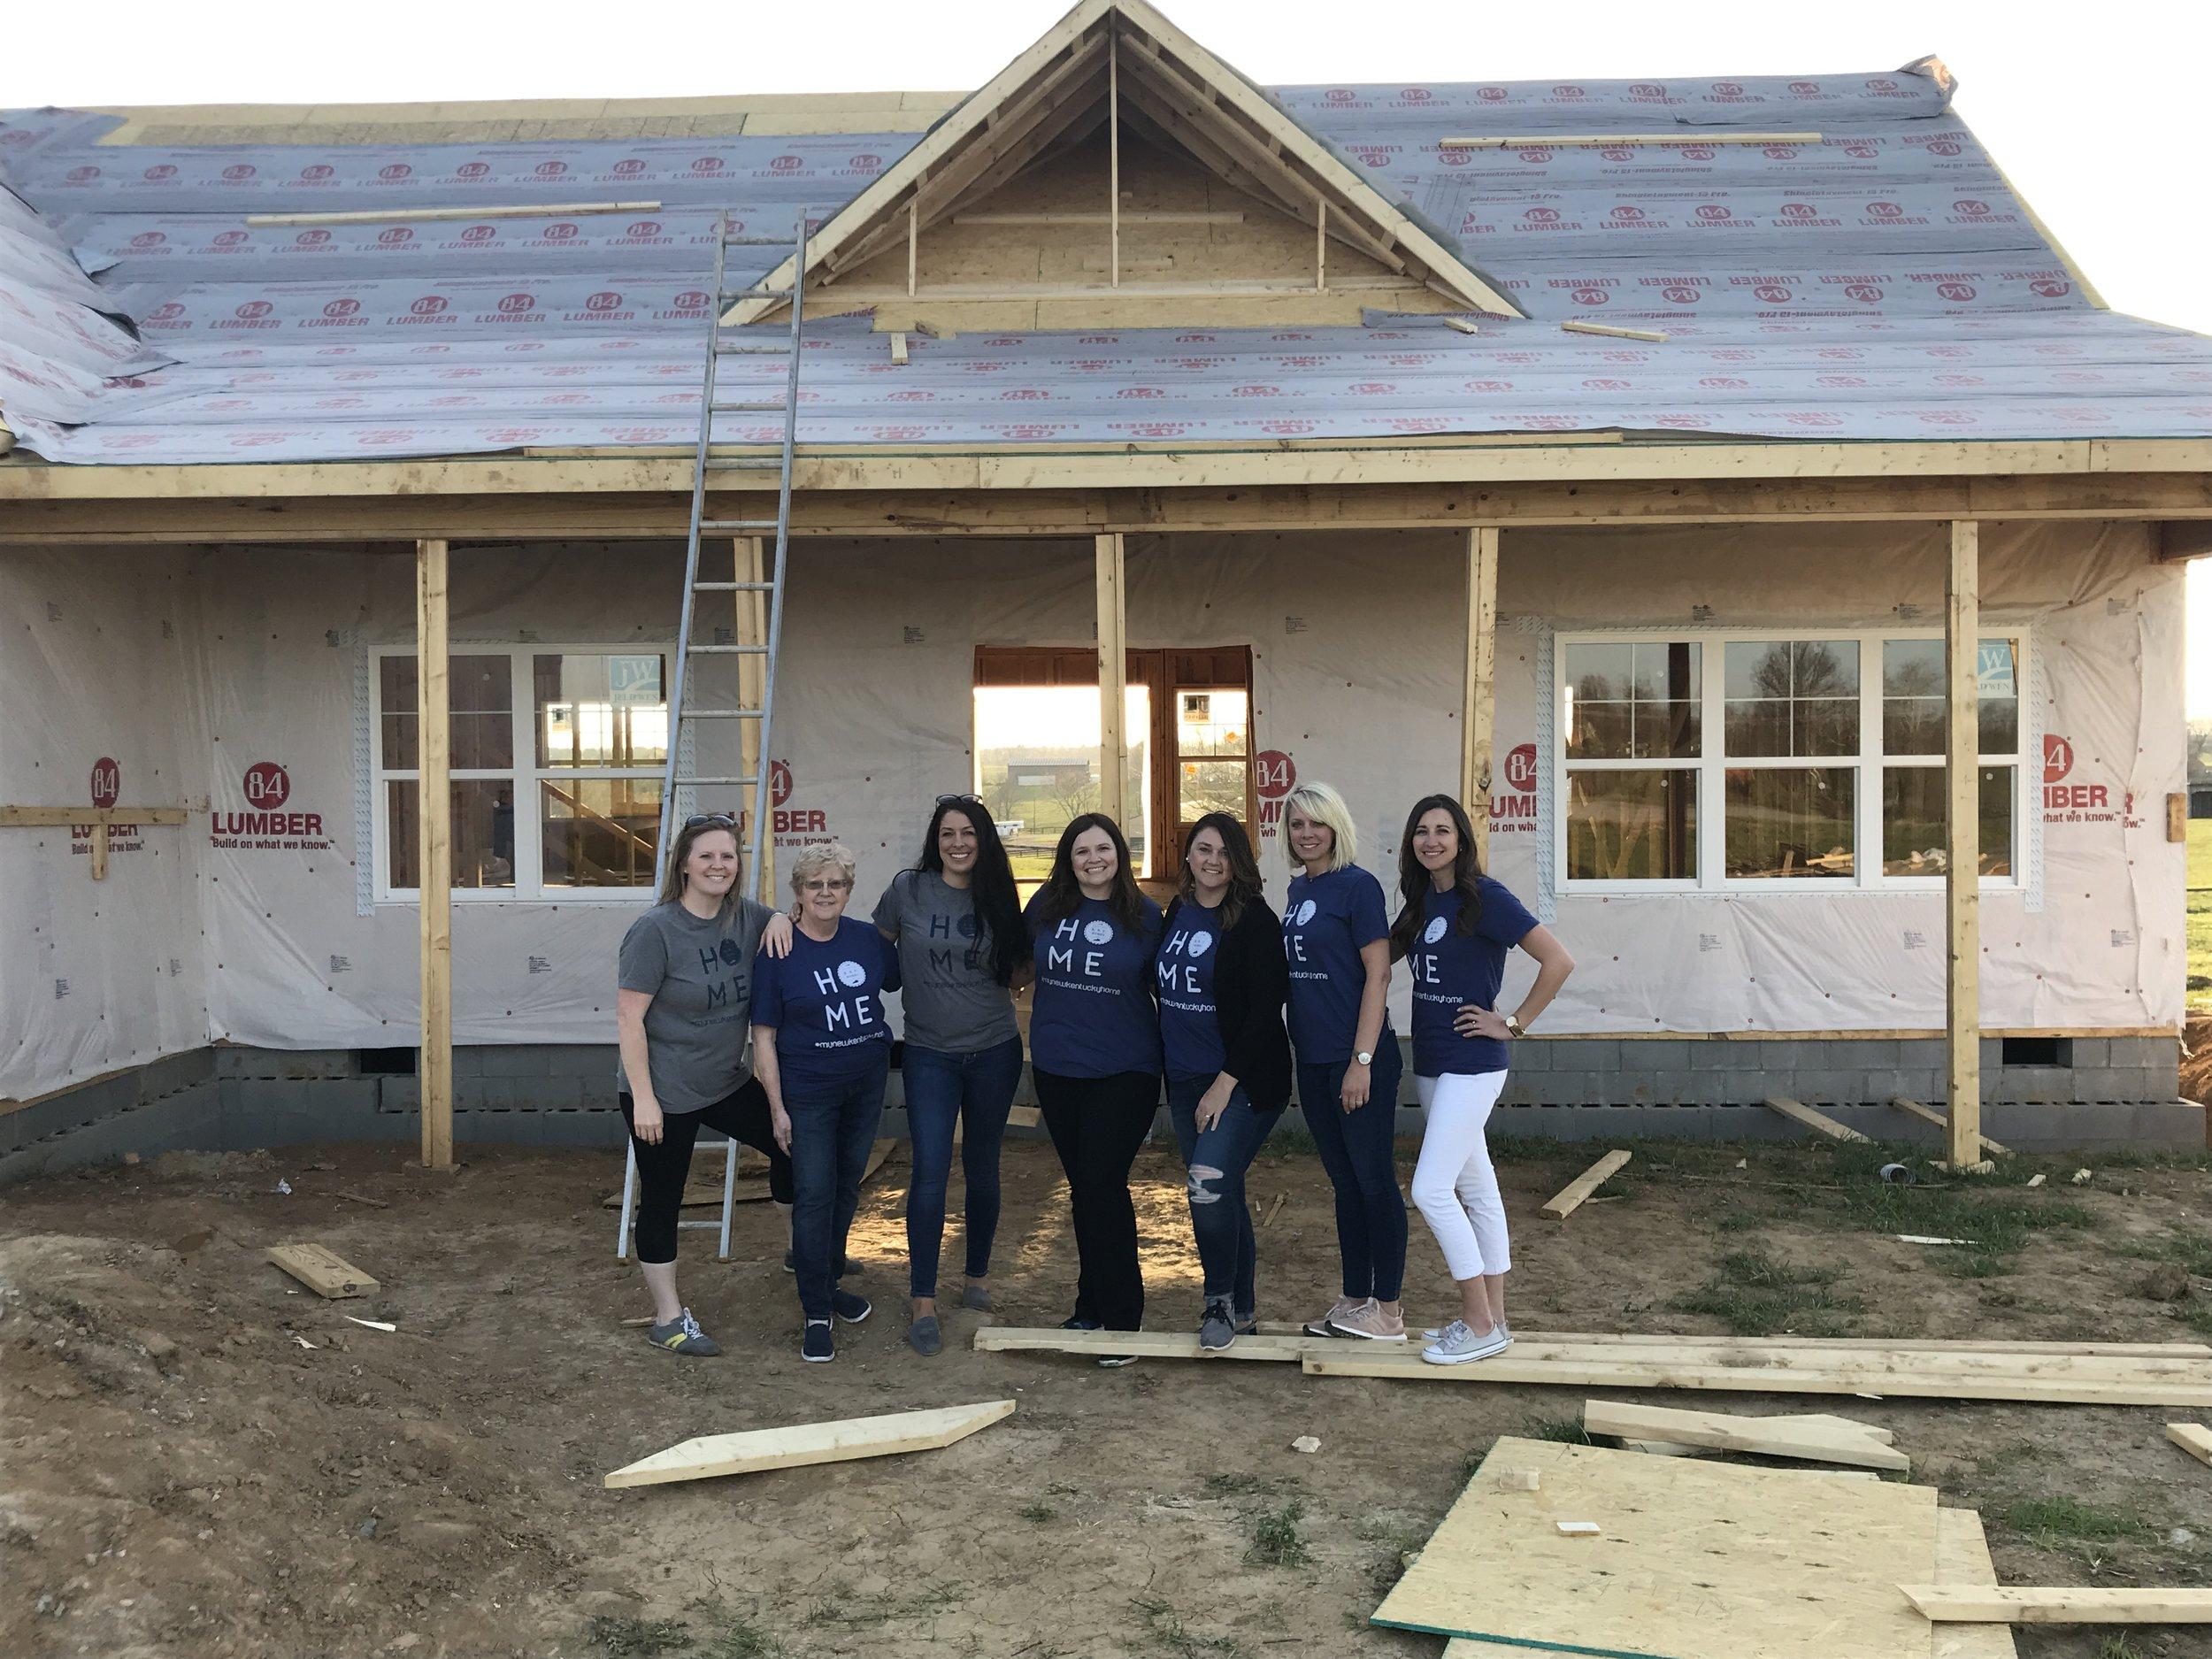 The Hometown Design Team *pictured left to right, Tessa Wagoner, JoEllen Power, Catherine Wilson, Adrien Rutledge, Melissa Miller, Ashley Frazier & Kristy Collins.